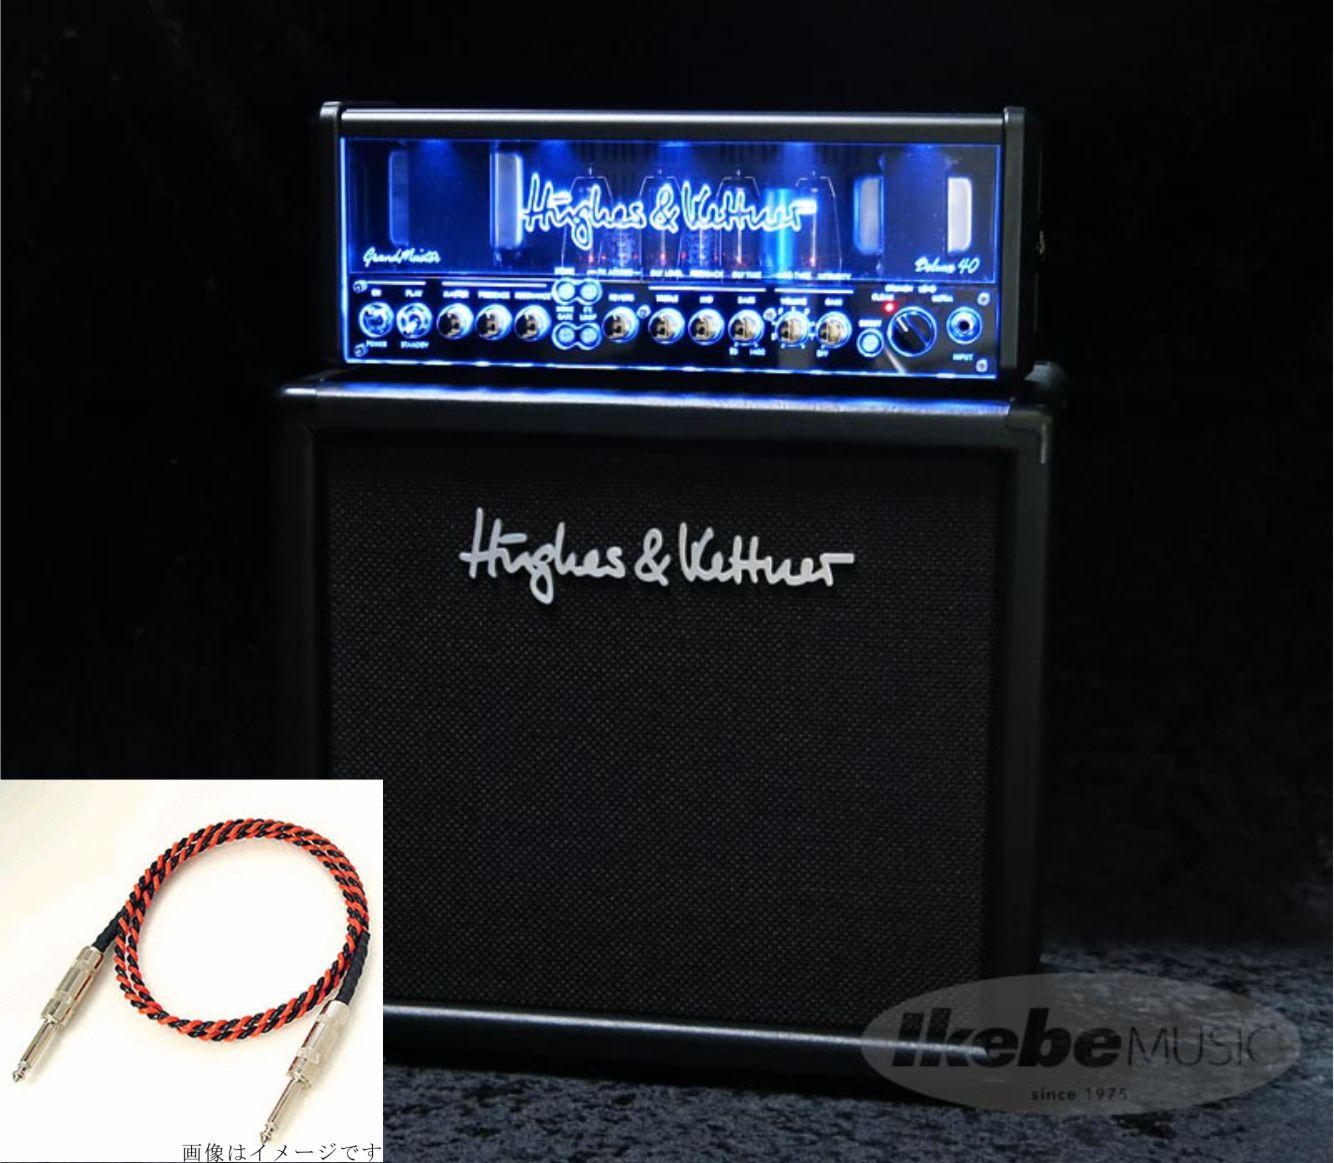 Hughes&Kettner 《ヒュース&ケトナー》GrandMeister Deluxe 40 & TubeMeister 112 Cabinet 【数量限定ロゴ入りオフィシャルTシャツプレゼント!】 Belden 9497ケーブル・プレゼント【送料無料!】